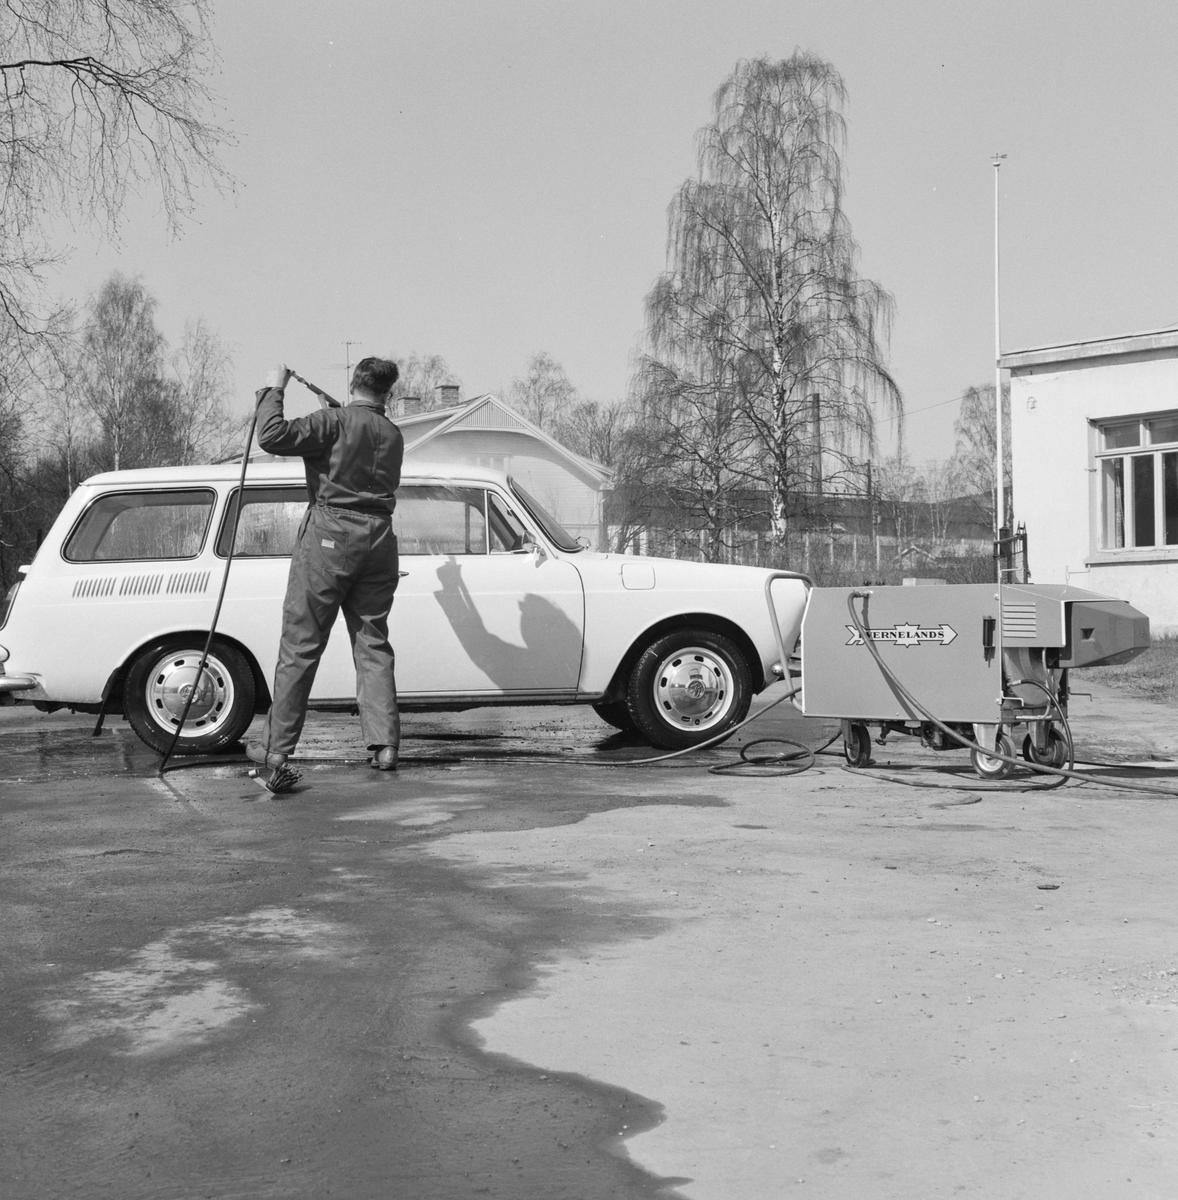 Globus Maskinfabrikk, Kverneland, Brumunddal. Demonstrasjon av  høytrykkspyler. Bilvask Volkswagen D-84394.